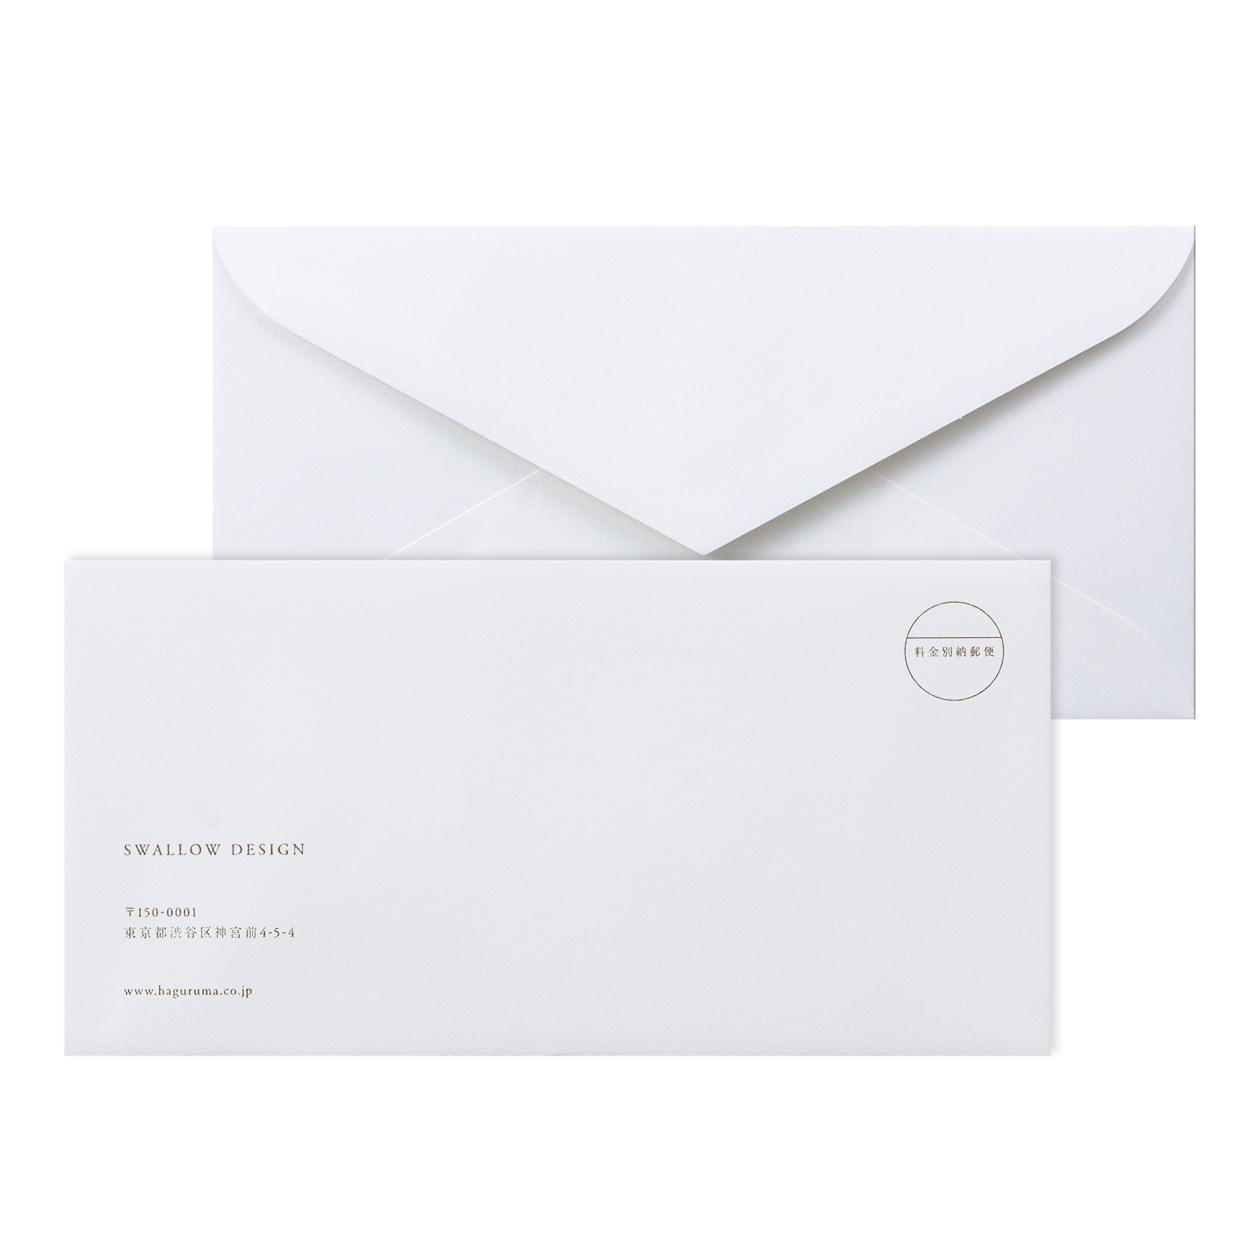 サンプル 封筒・袋 00072